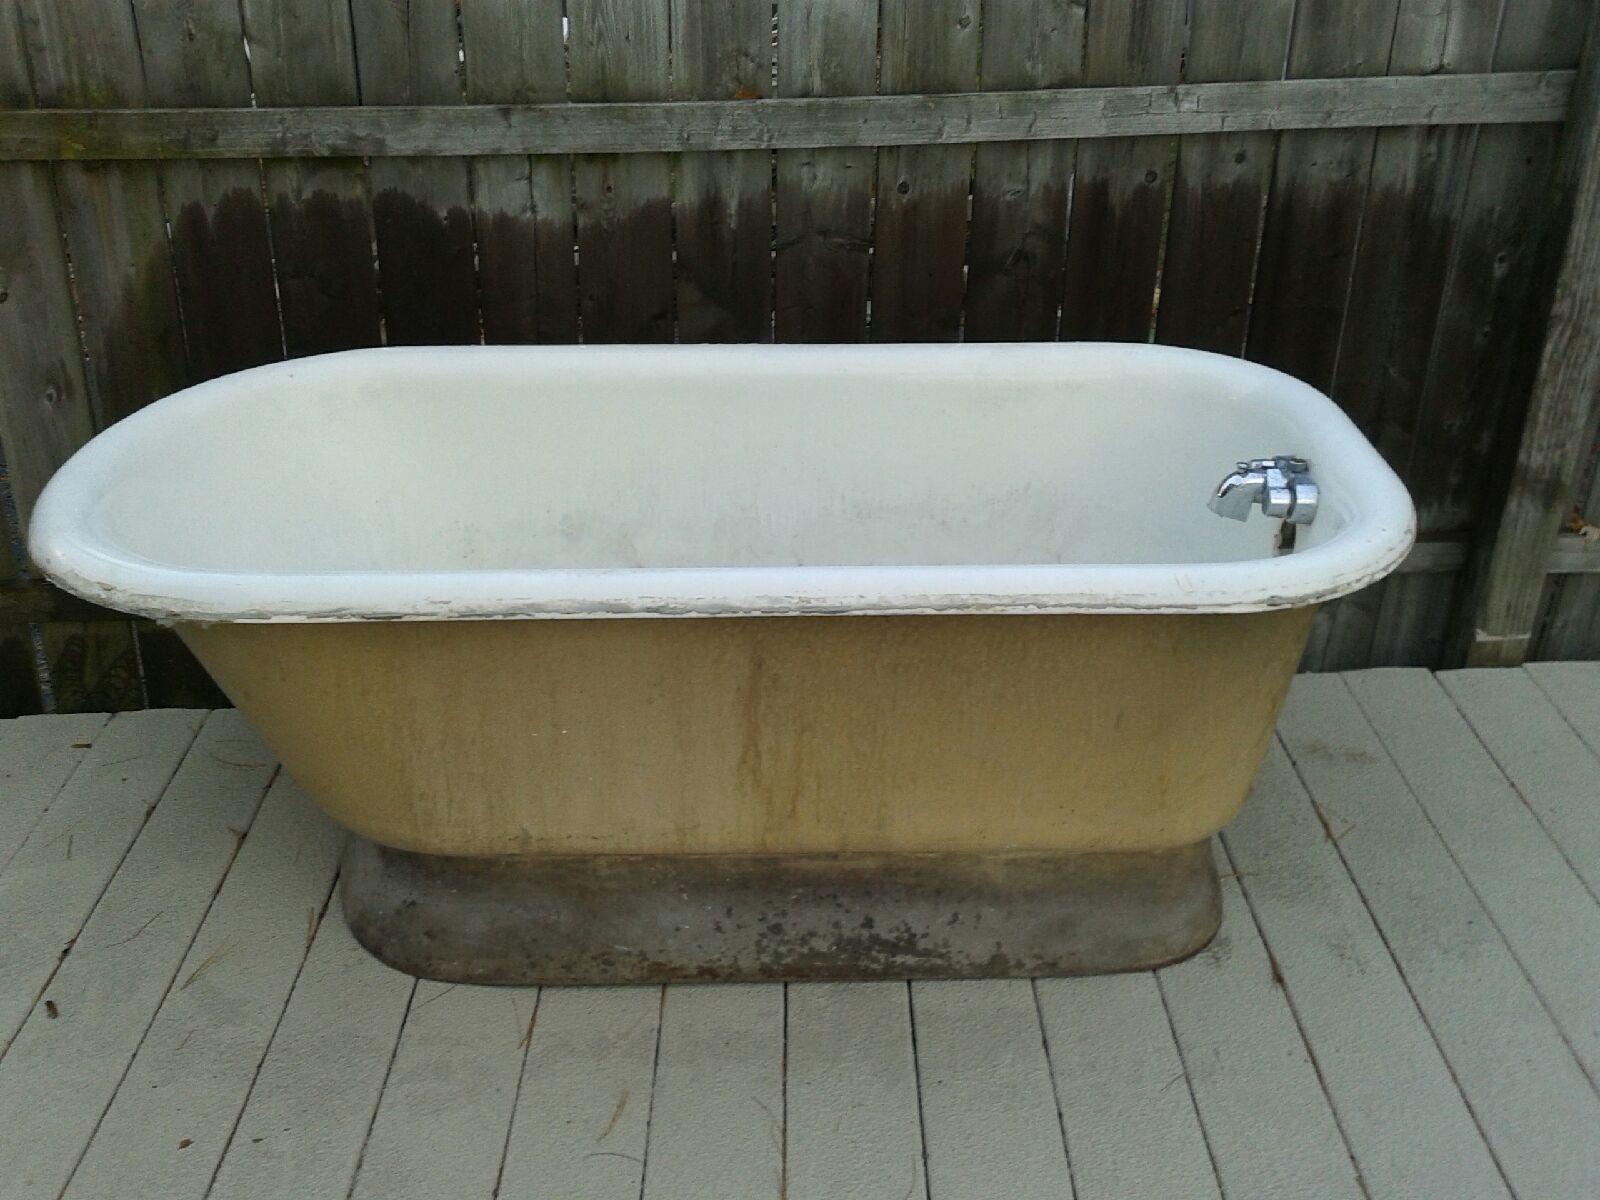 Cleveland Ohio Vintage Pedestal Bathtub For Sale 3 Gif 1600 1200 Old Fashioned Bathtub Bathtubs For Sale